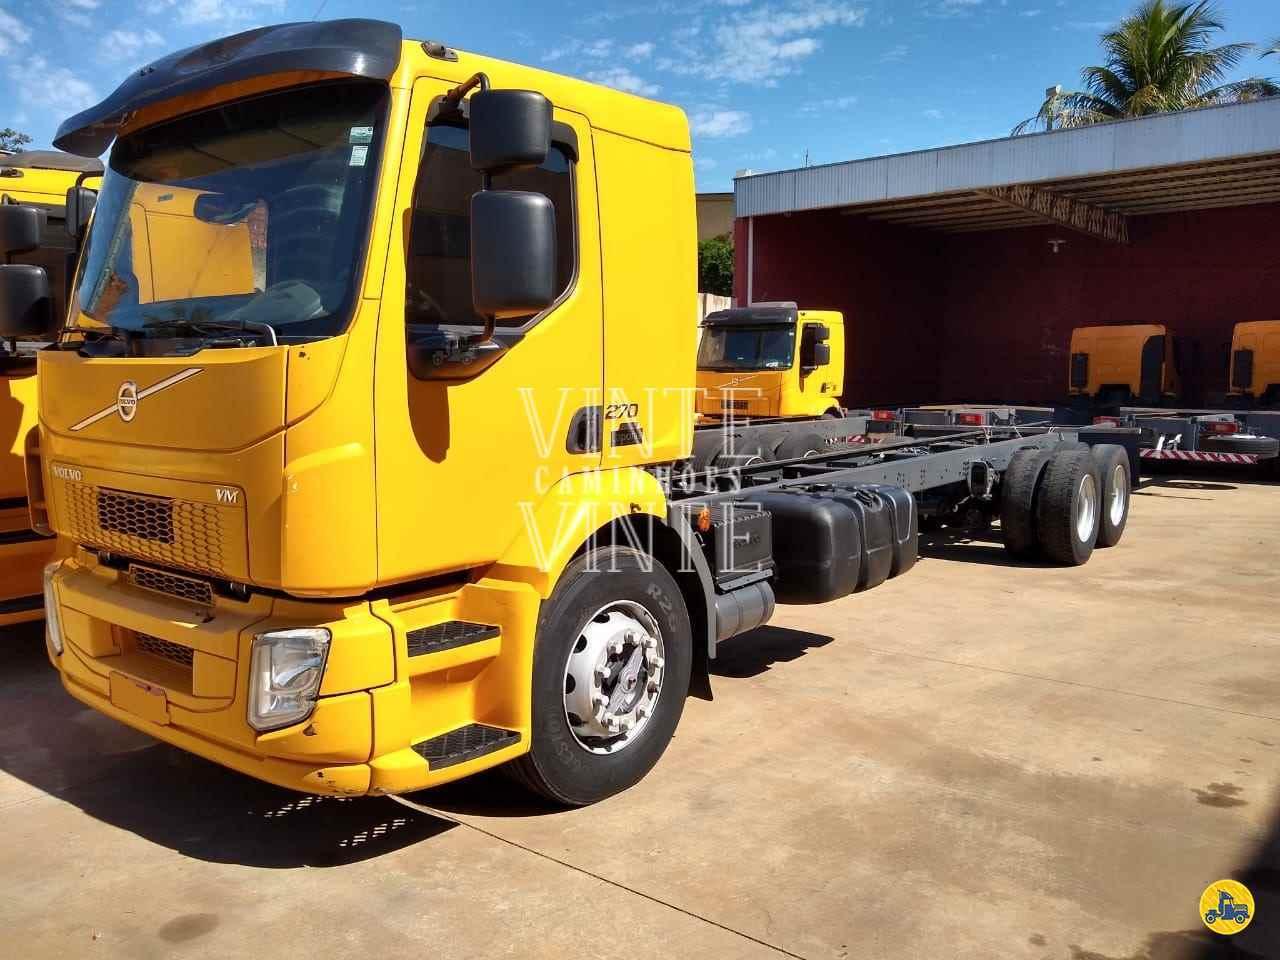 CAMINHAO VOLVO VOLVO VM 270 Chassis Truck 6x2 Vinte-Vinte Caminhões SANTO ANDRE SÃO PAULO SP